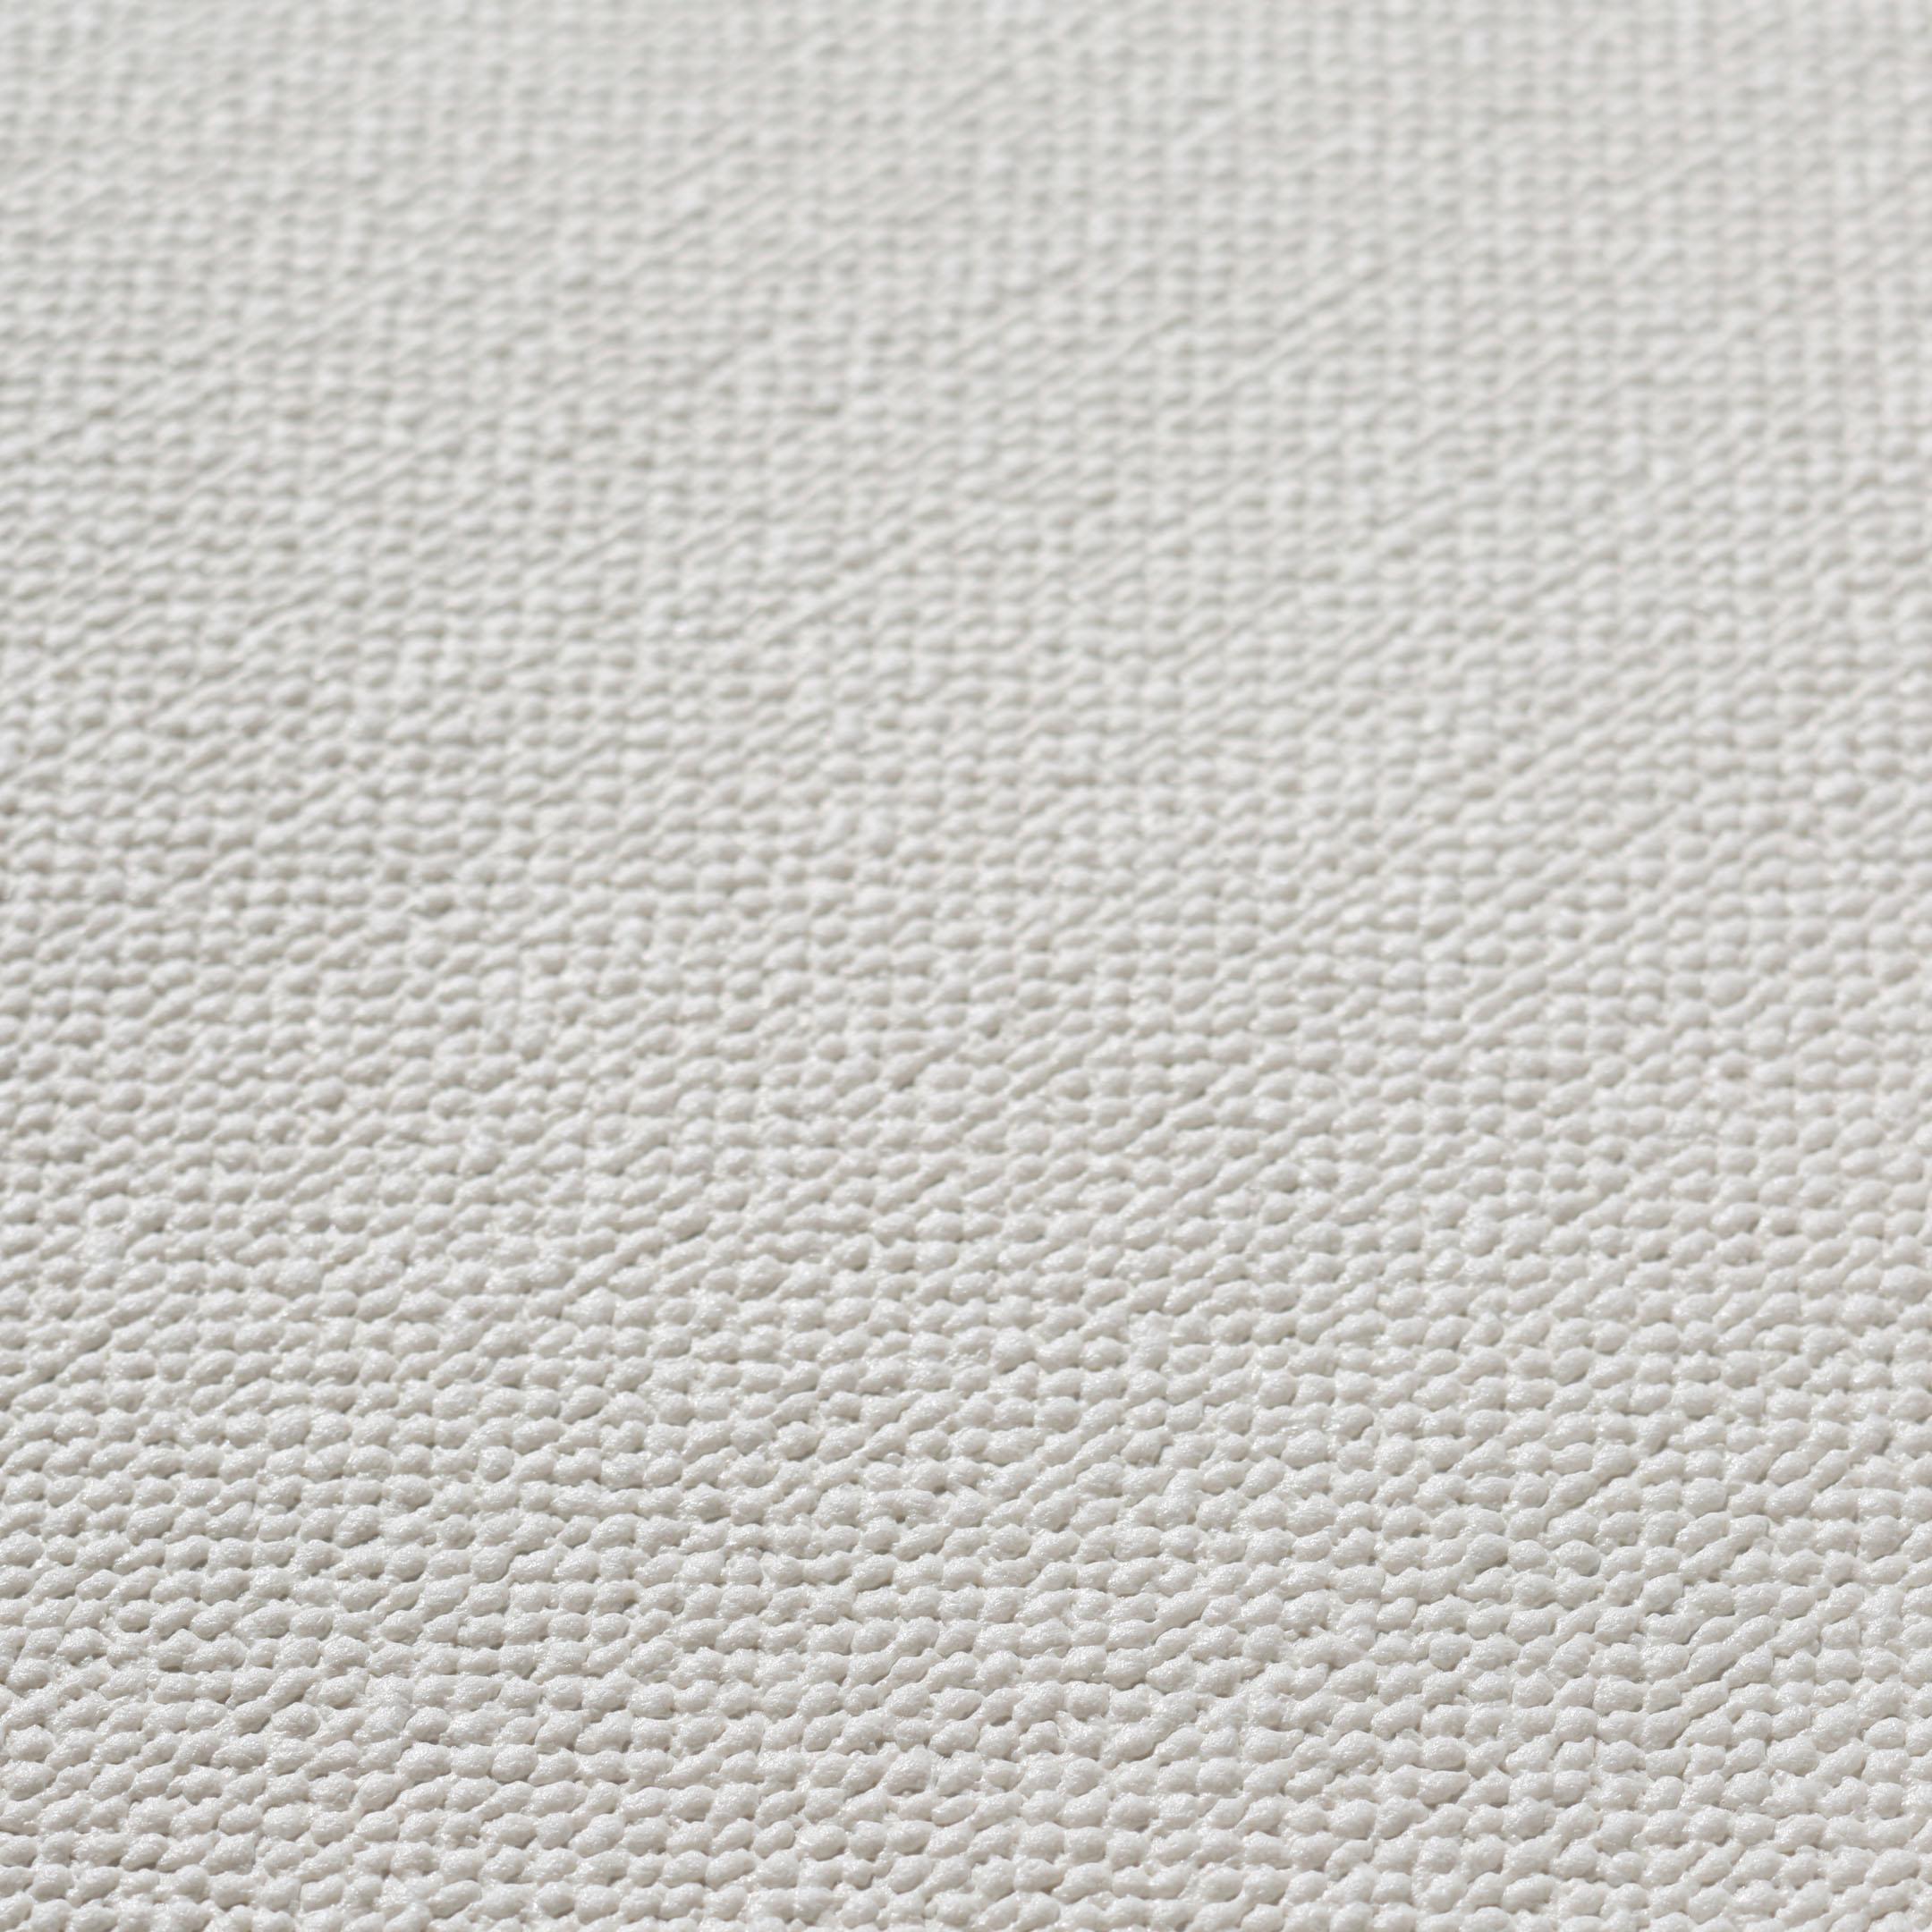 Обои виниловые на флизелиновой основе Ateliero Madrid 38442-12 (106х10 м).